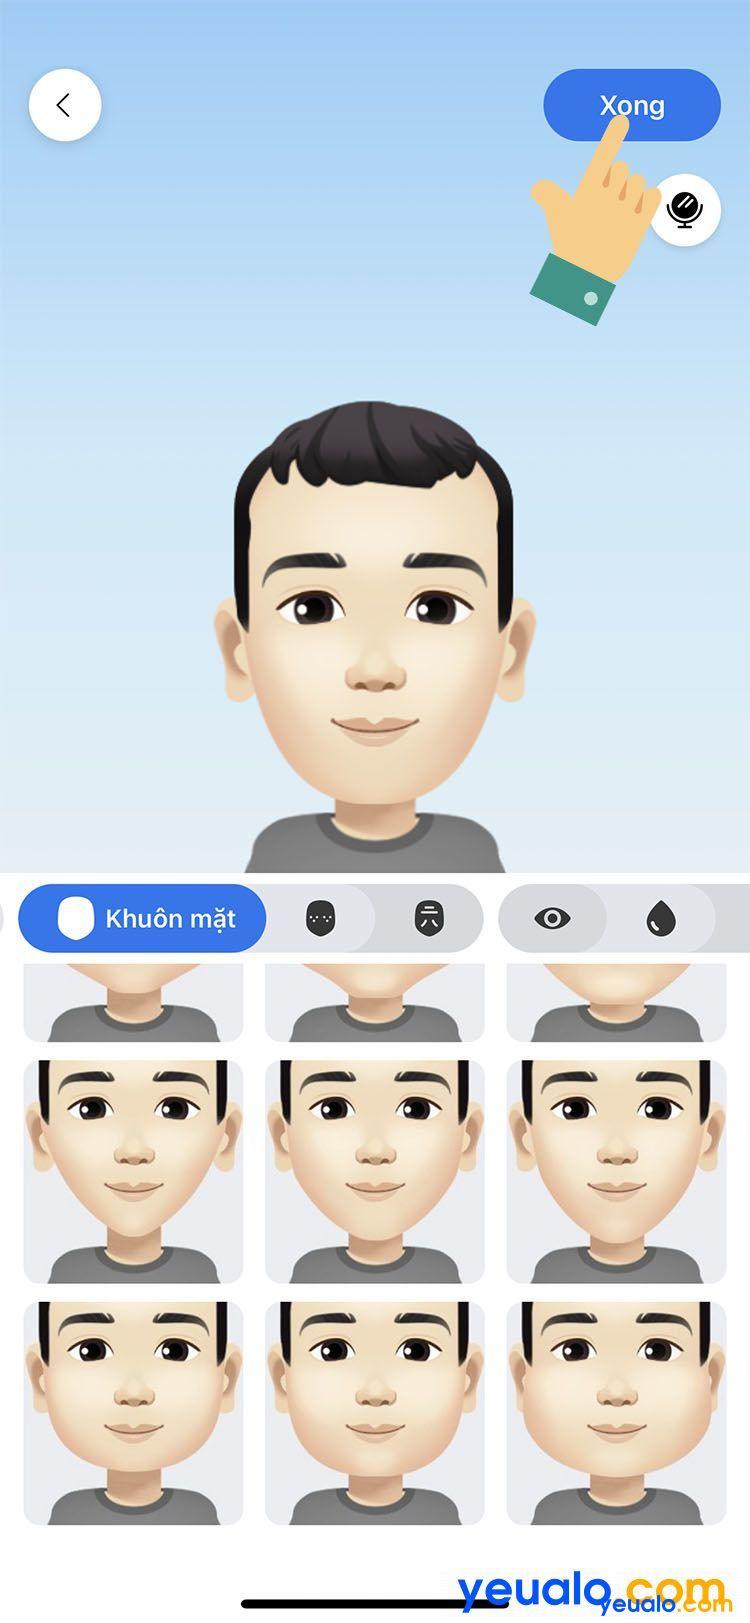 Cách làm avatar nhãn dán hoạt hình giống mình trên Facebook Messenger 6